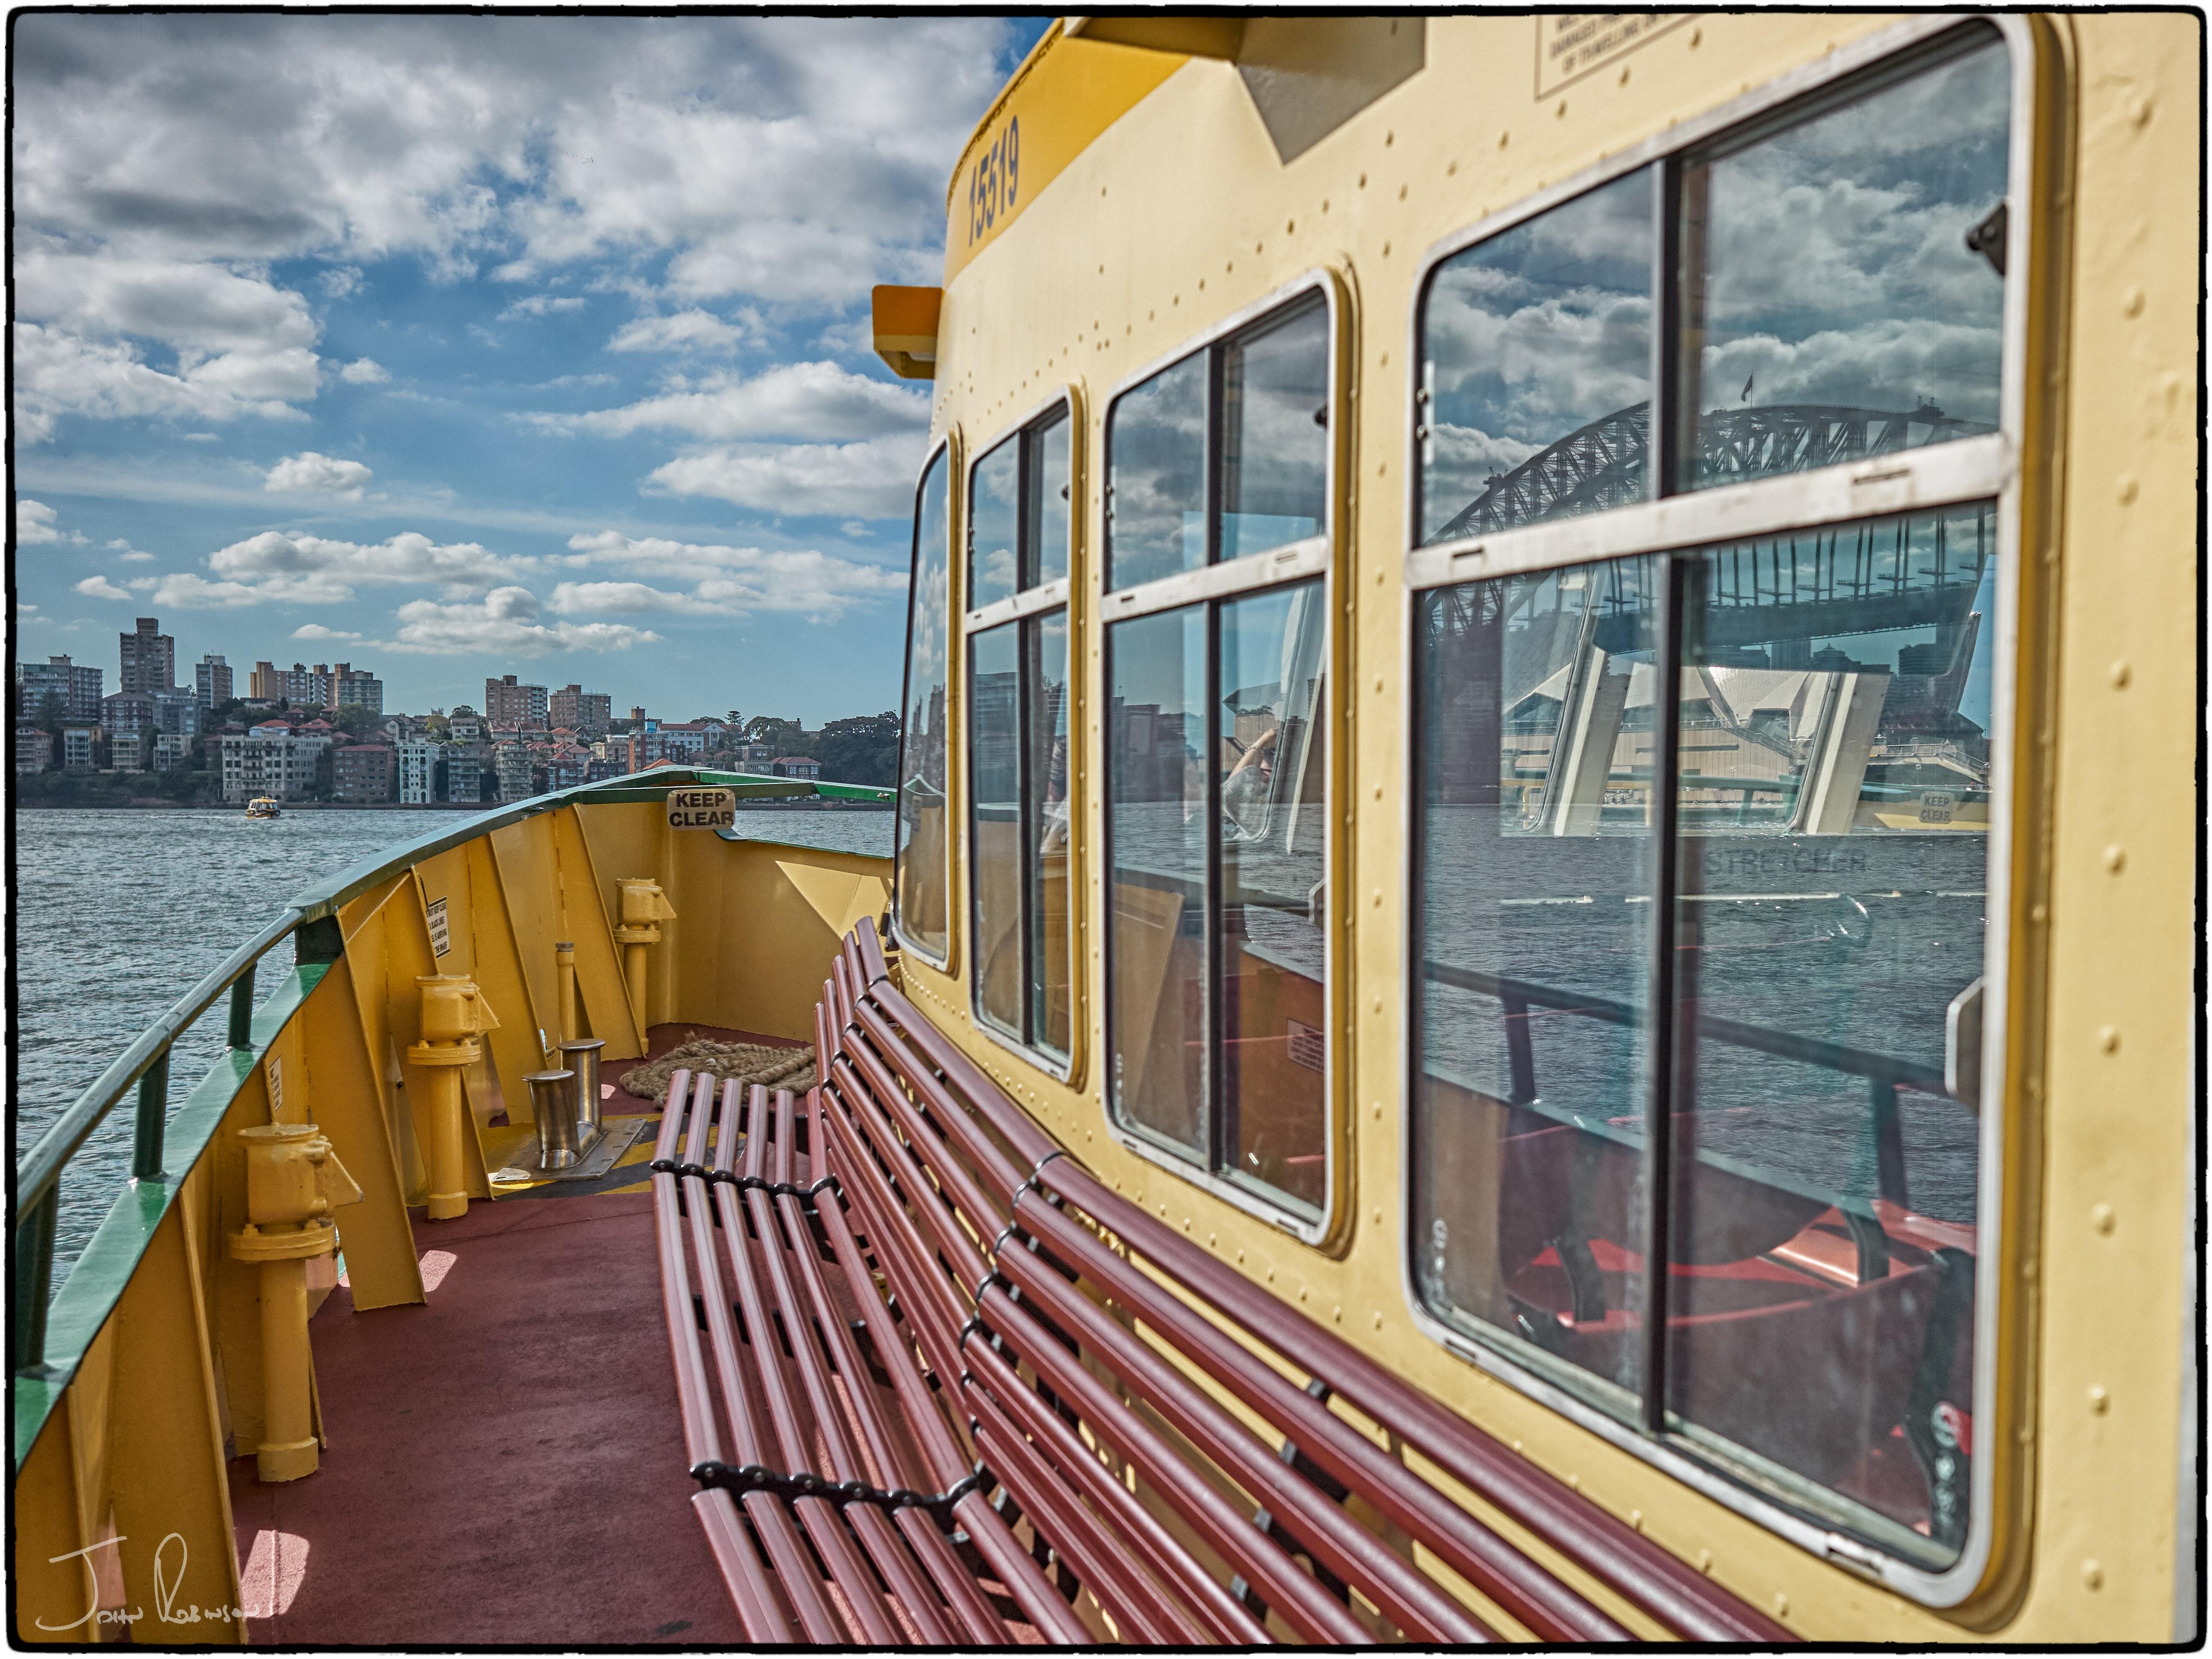 Sydney by ferry